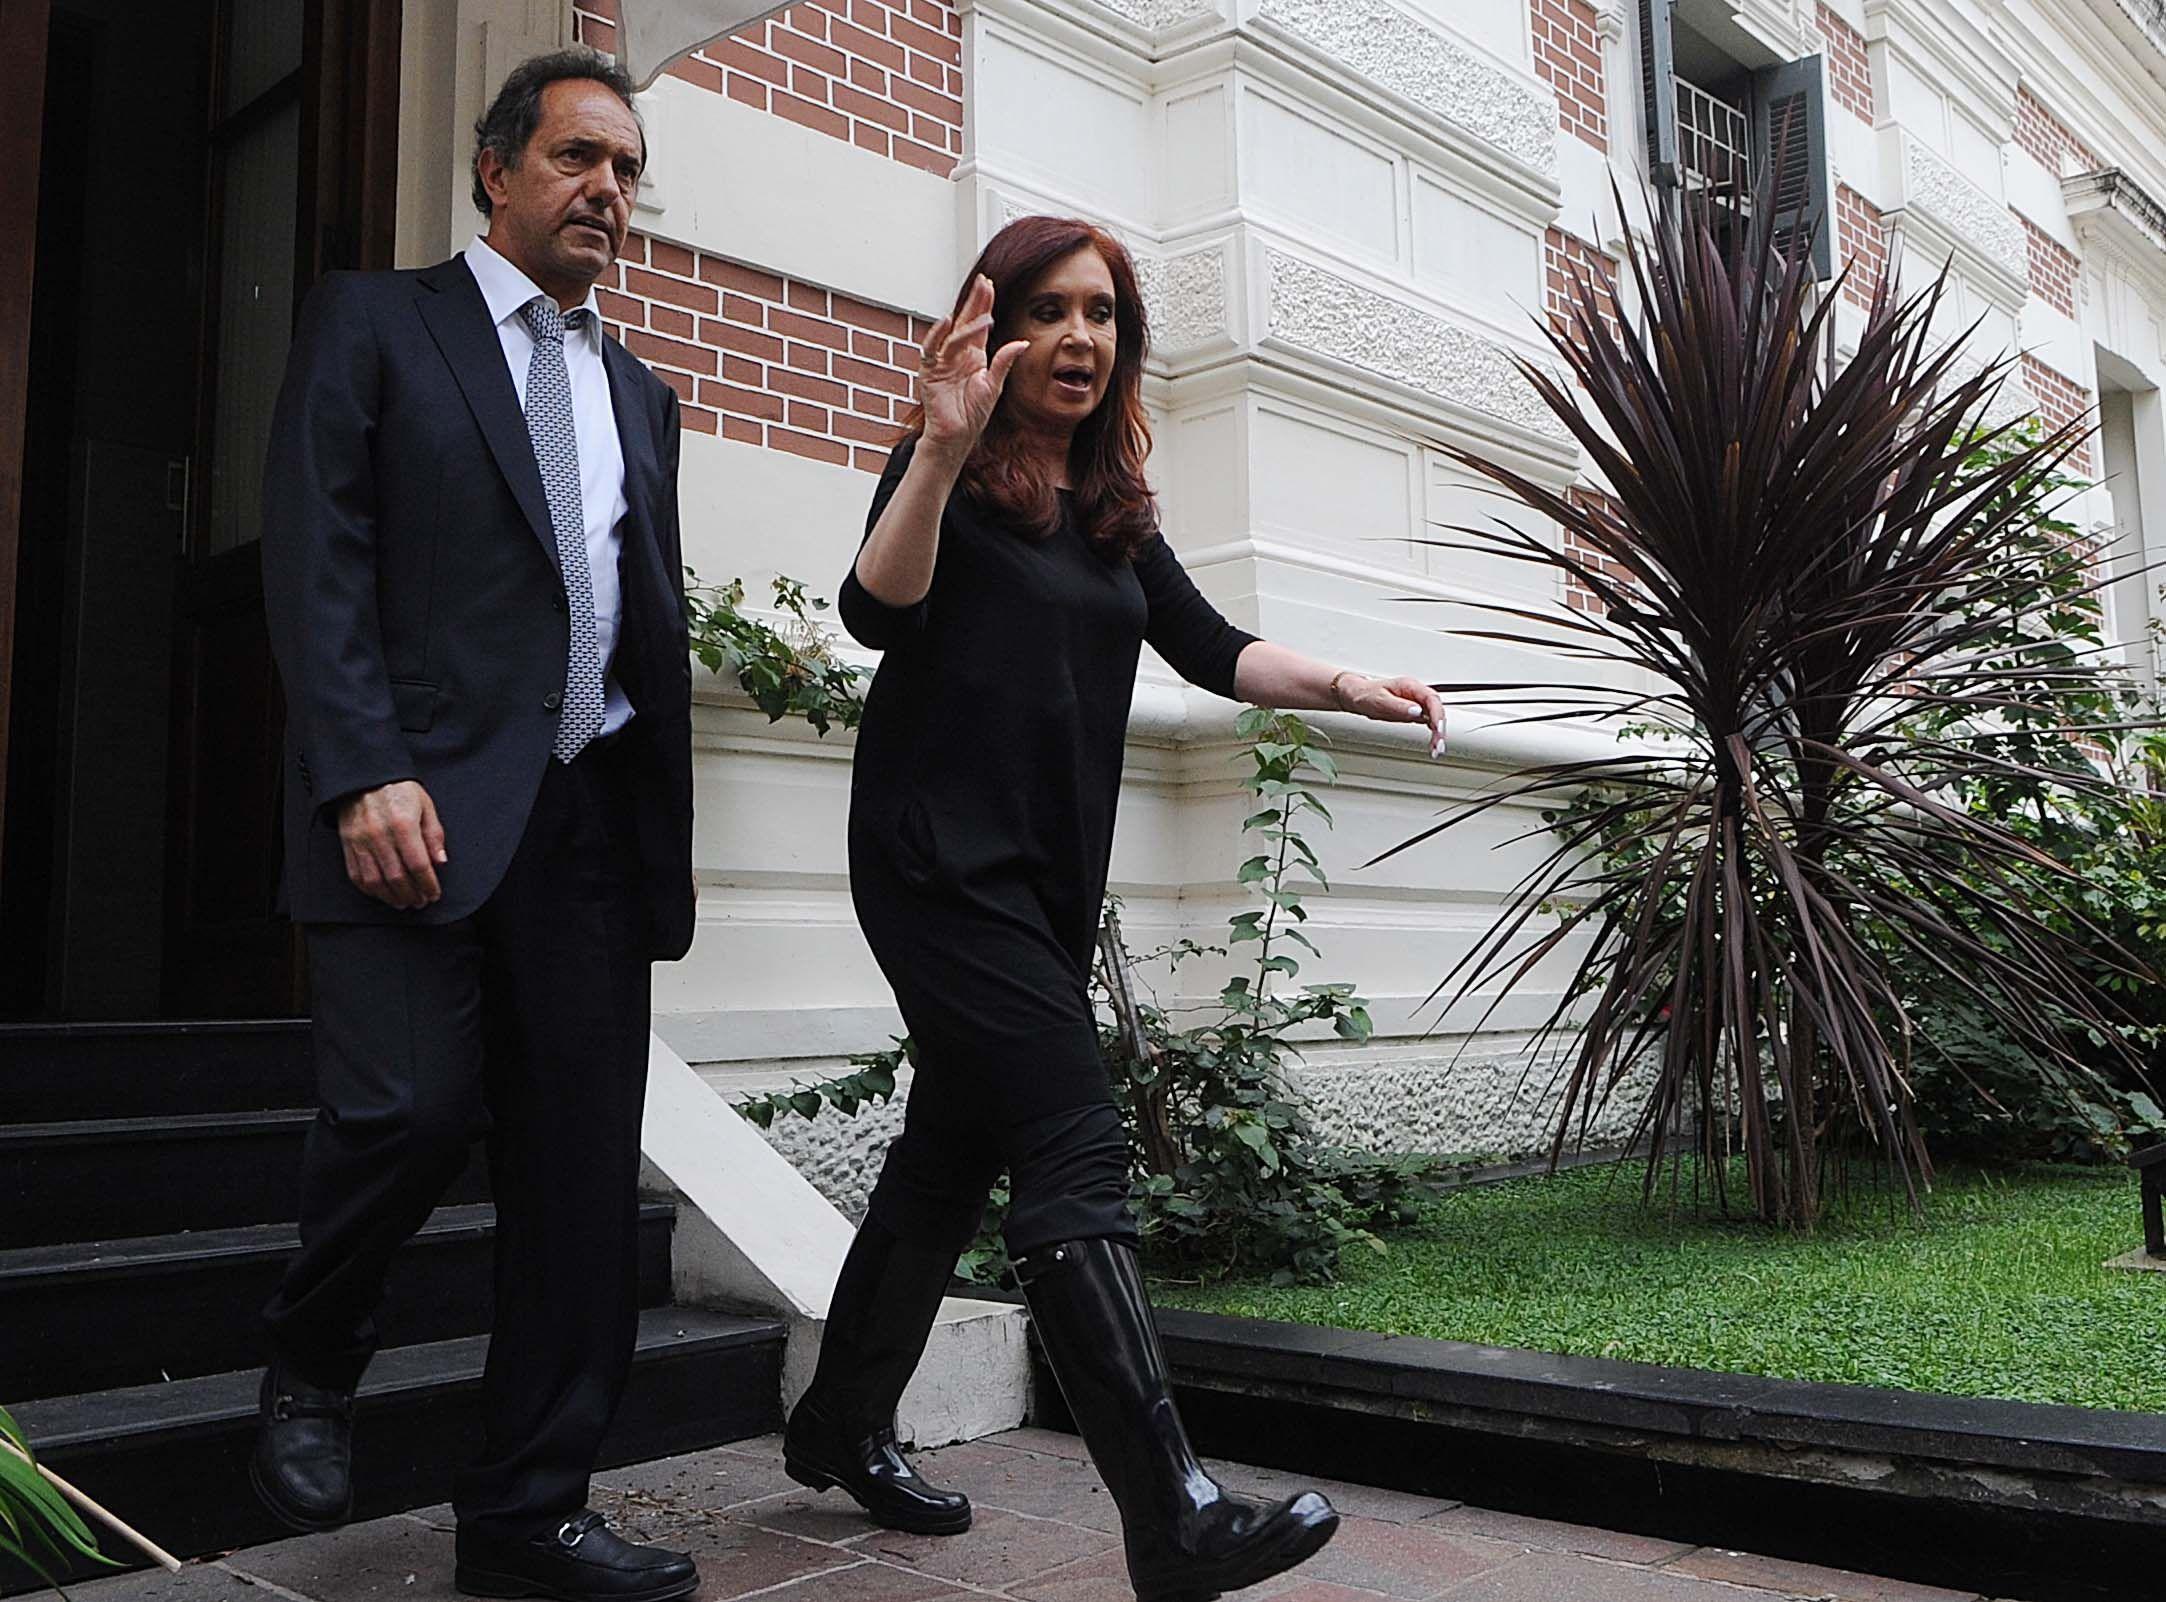 La presidenta de la Nación y el gobernador bonaerense durante la inundación que afectó a La Plata.